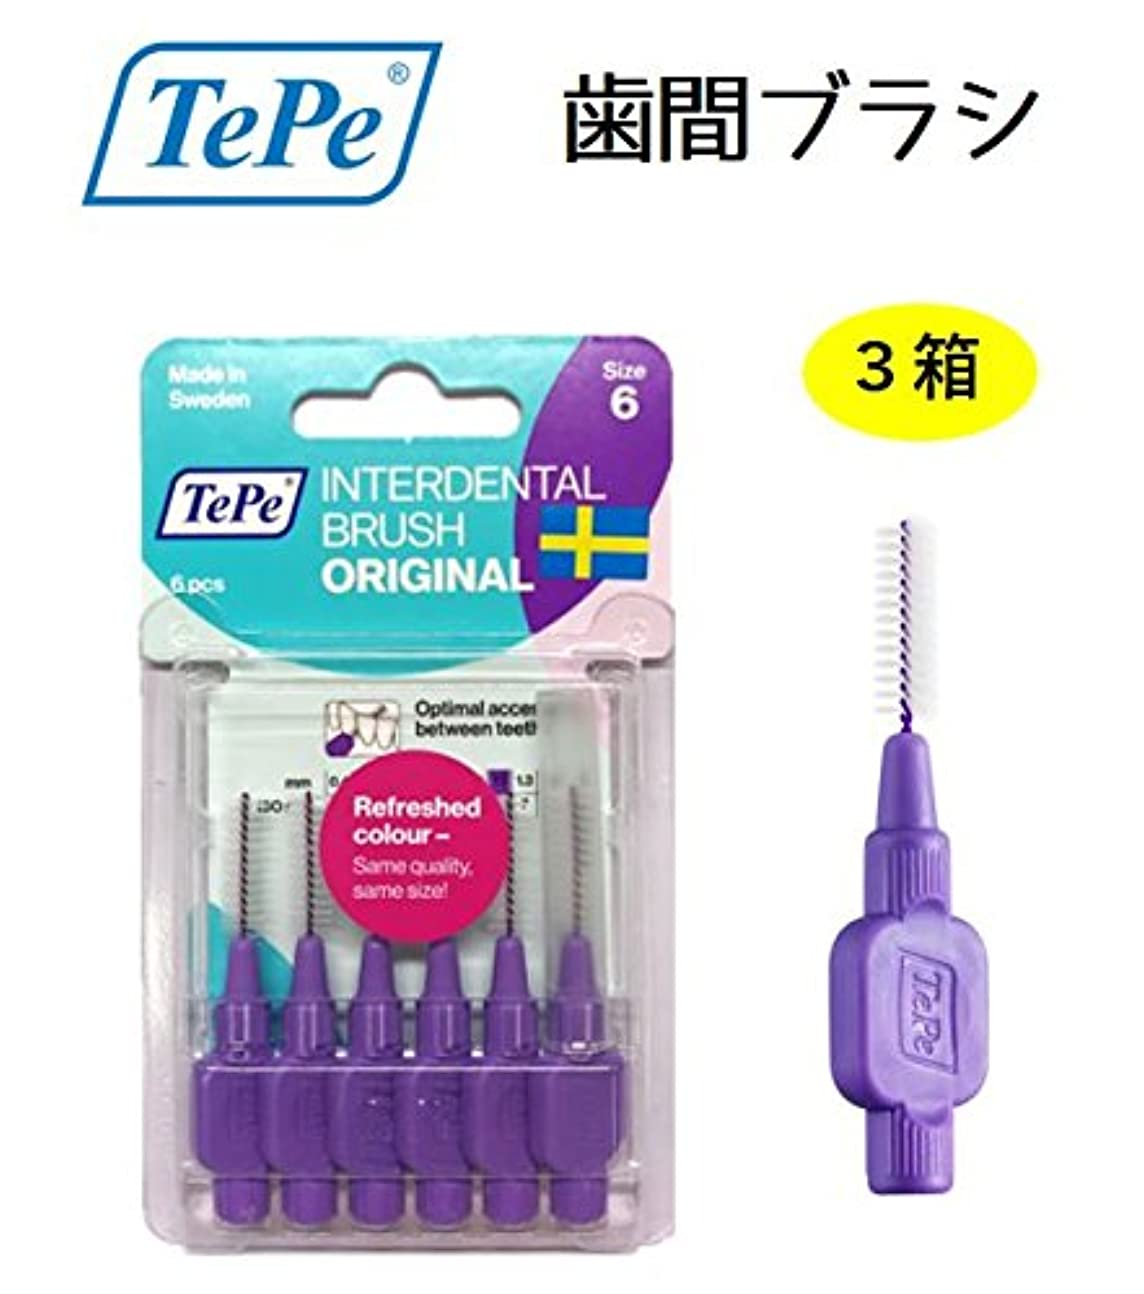 委員会喜んで規範テペ 歯間プラシ 1.1mm ブリスターパック 3パック TePe IDブラシ